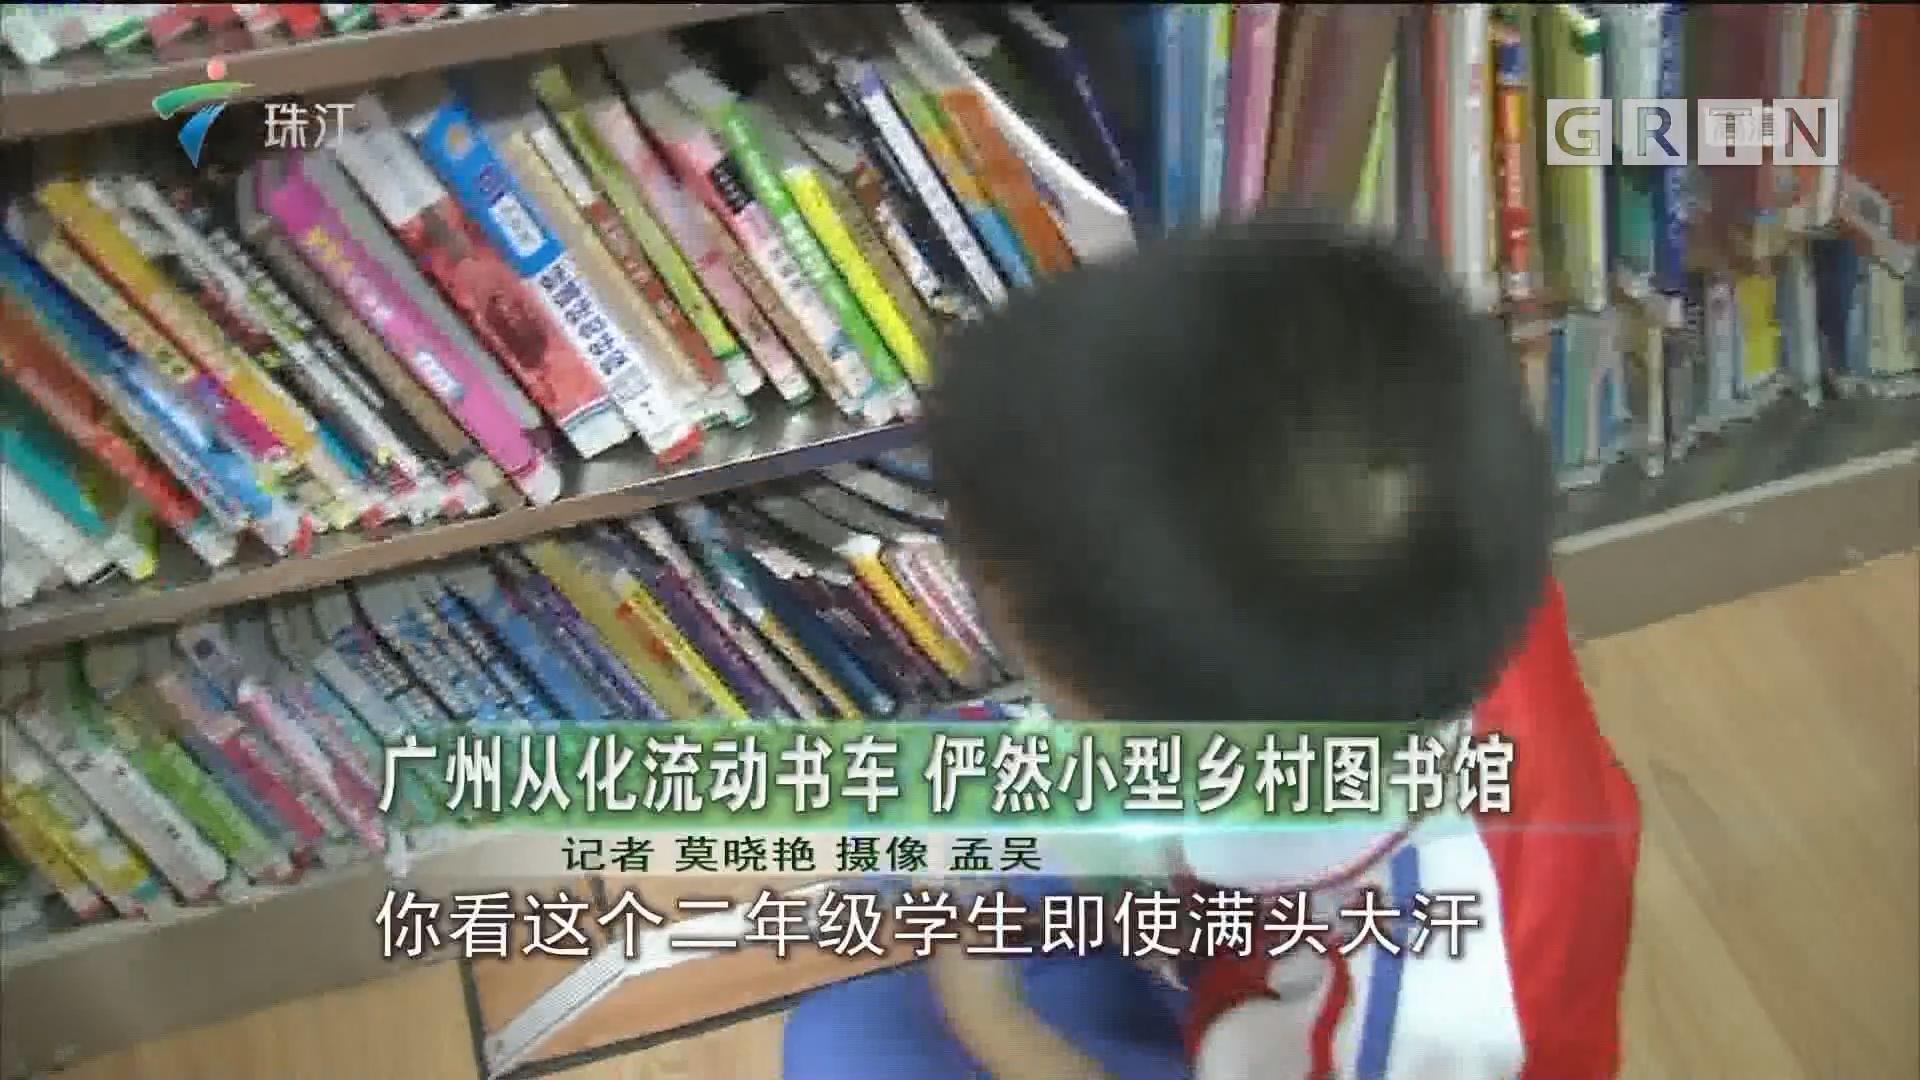 广州从化流动书车 俨然小型乡村图书馆